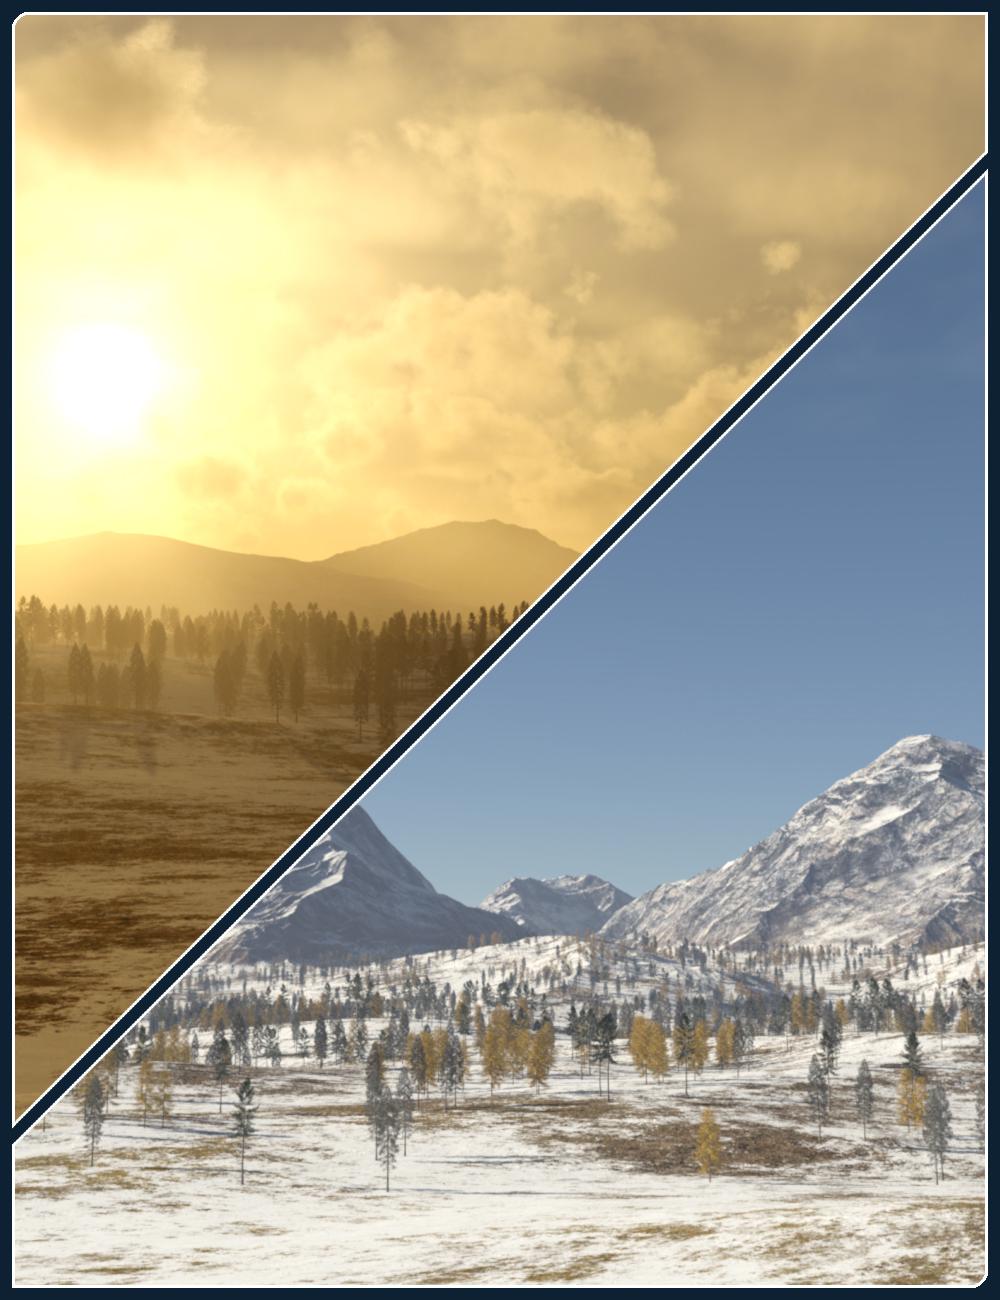 Winter Fields Skyspheres/HDRIs by: Flipmode, 3D Models by Daz 3D